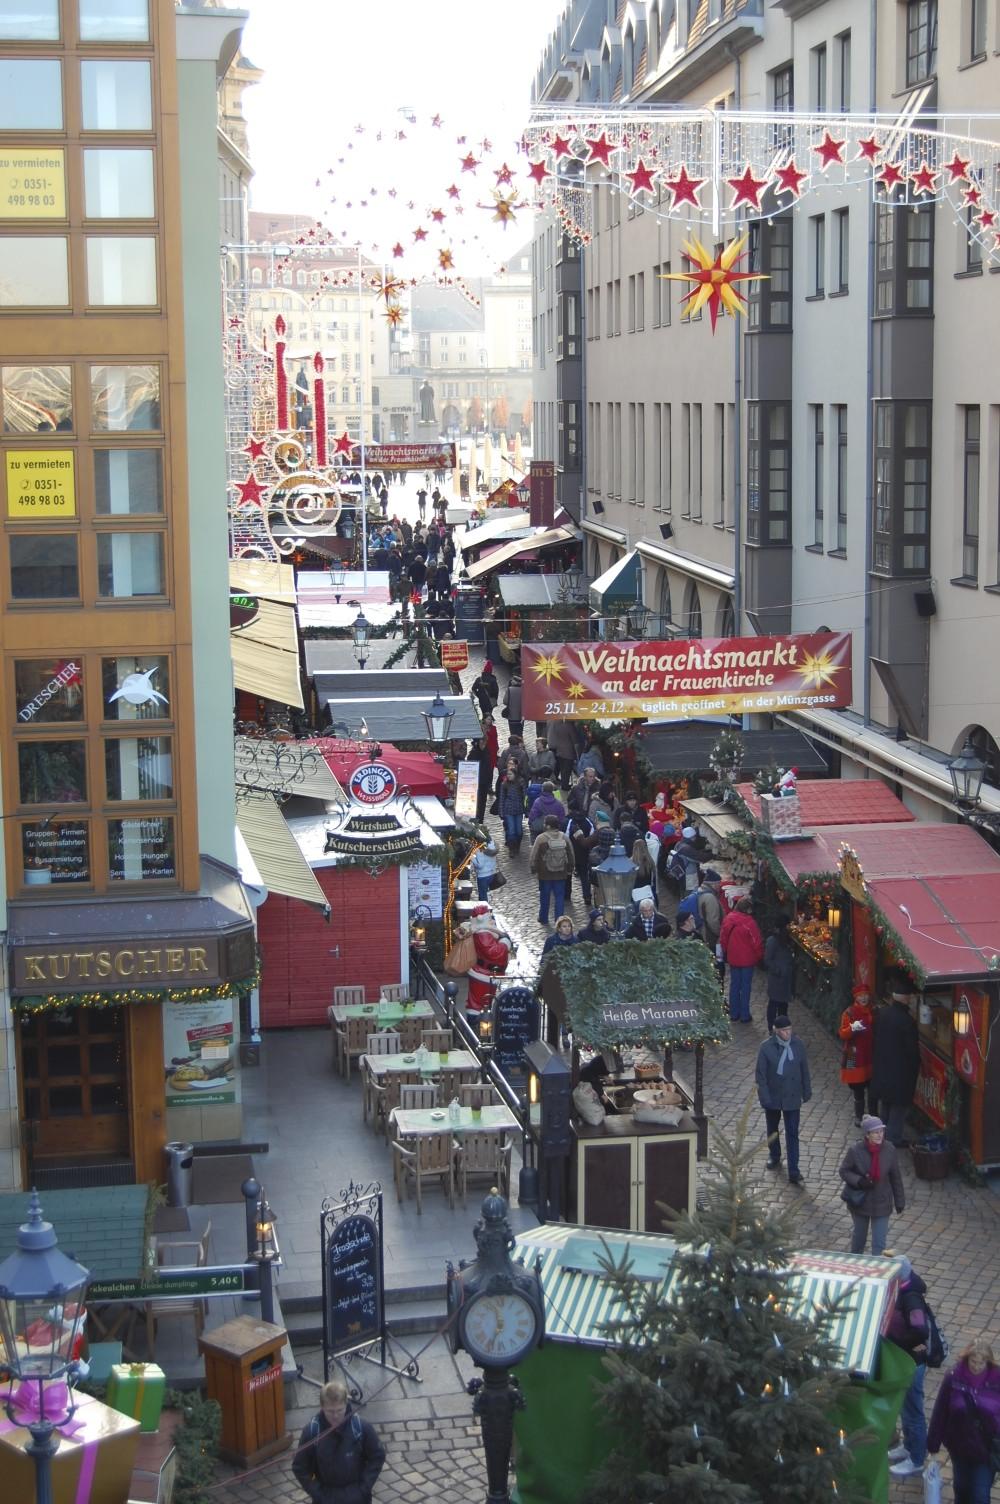 Weihnachtsmarkt Dresden, Savannah Page